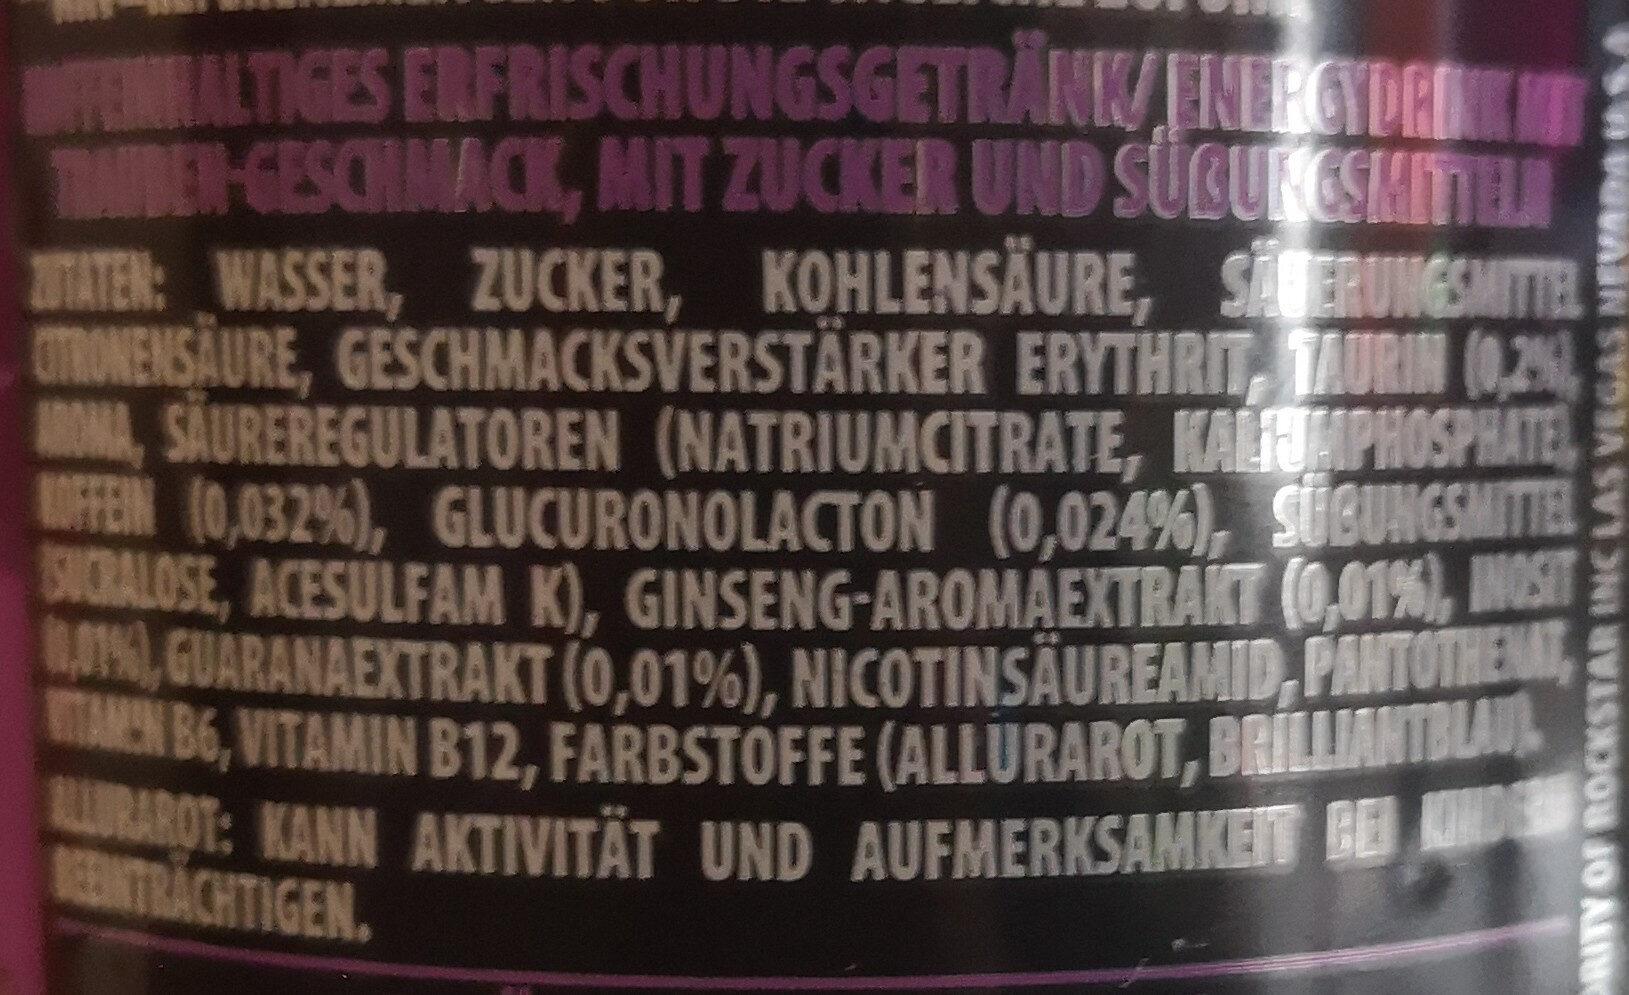 Rockstar xdurance energy grape - Zutaten - de